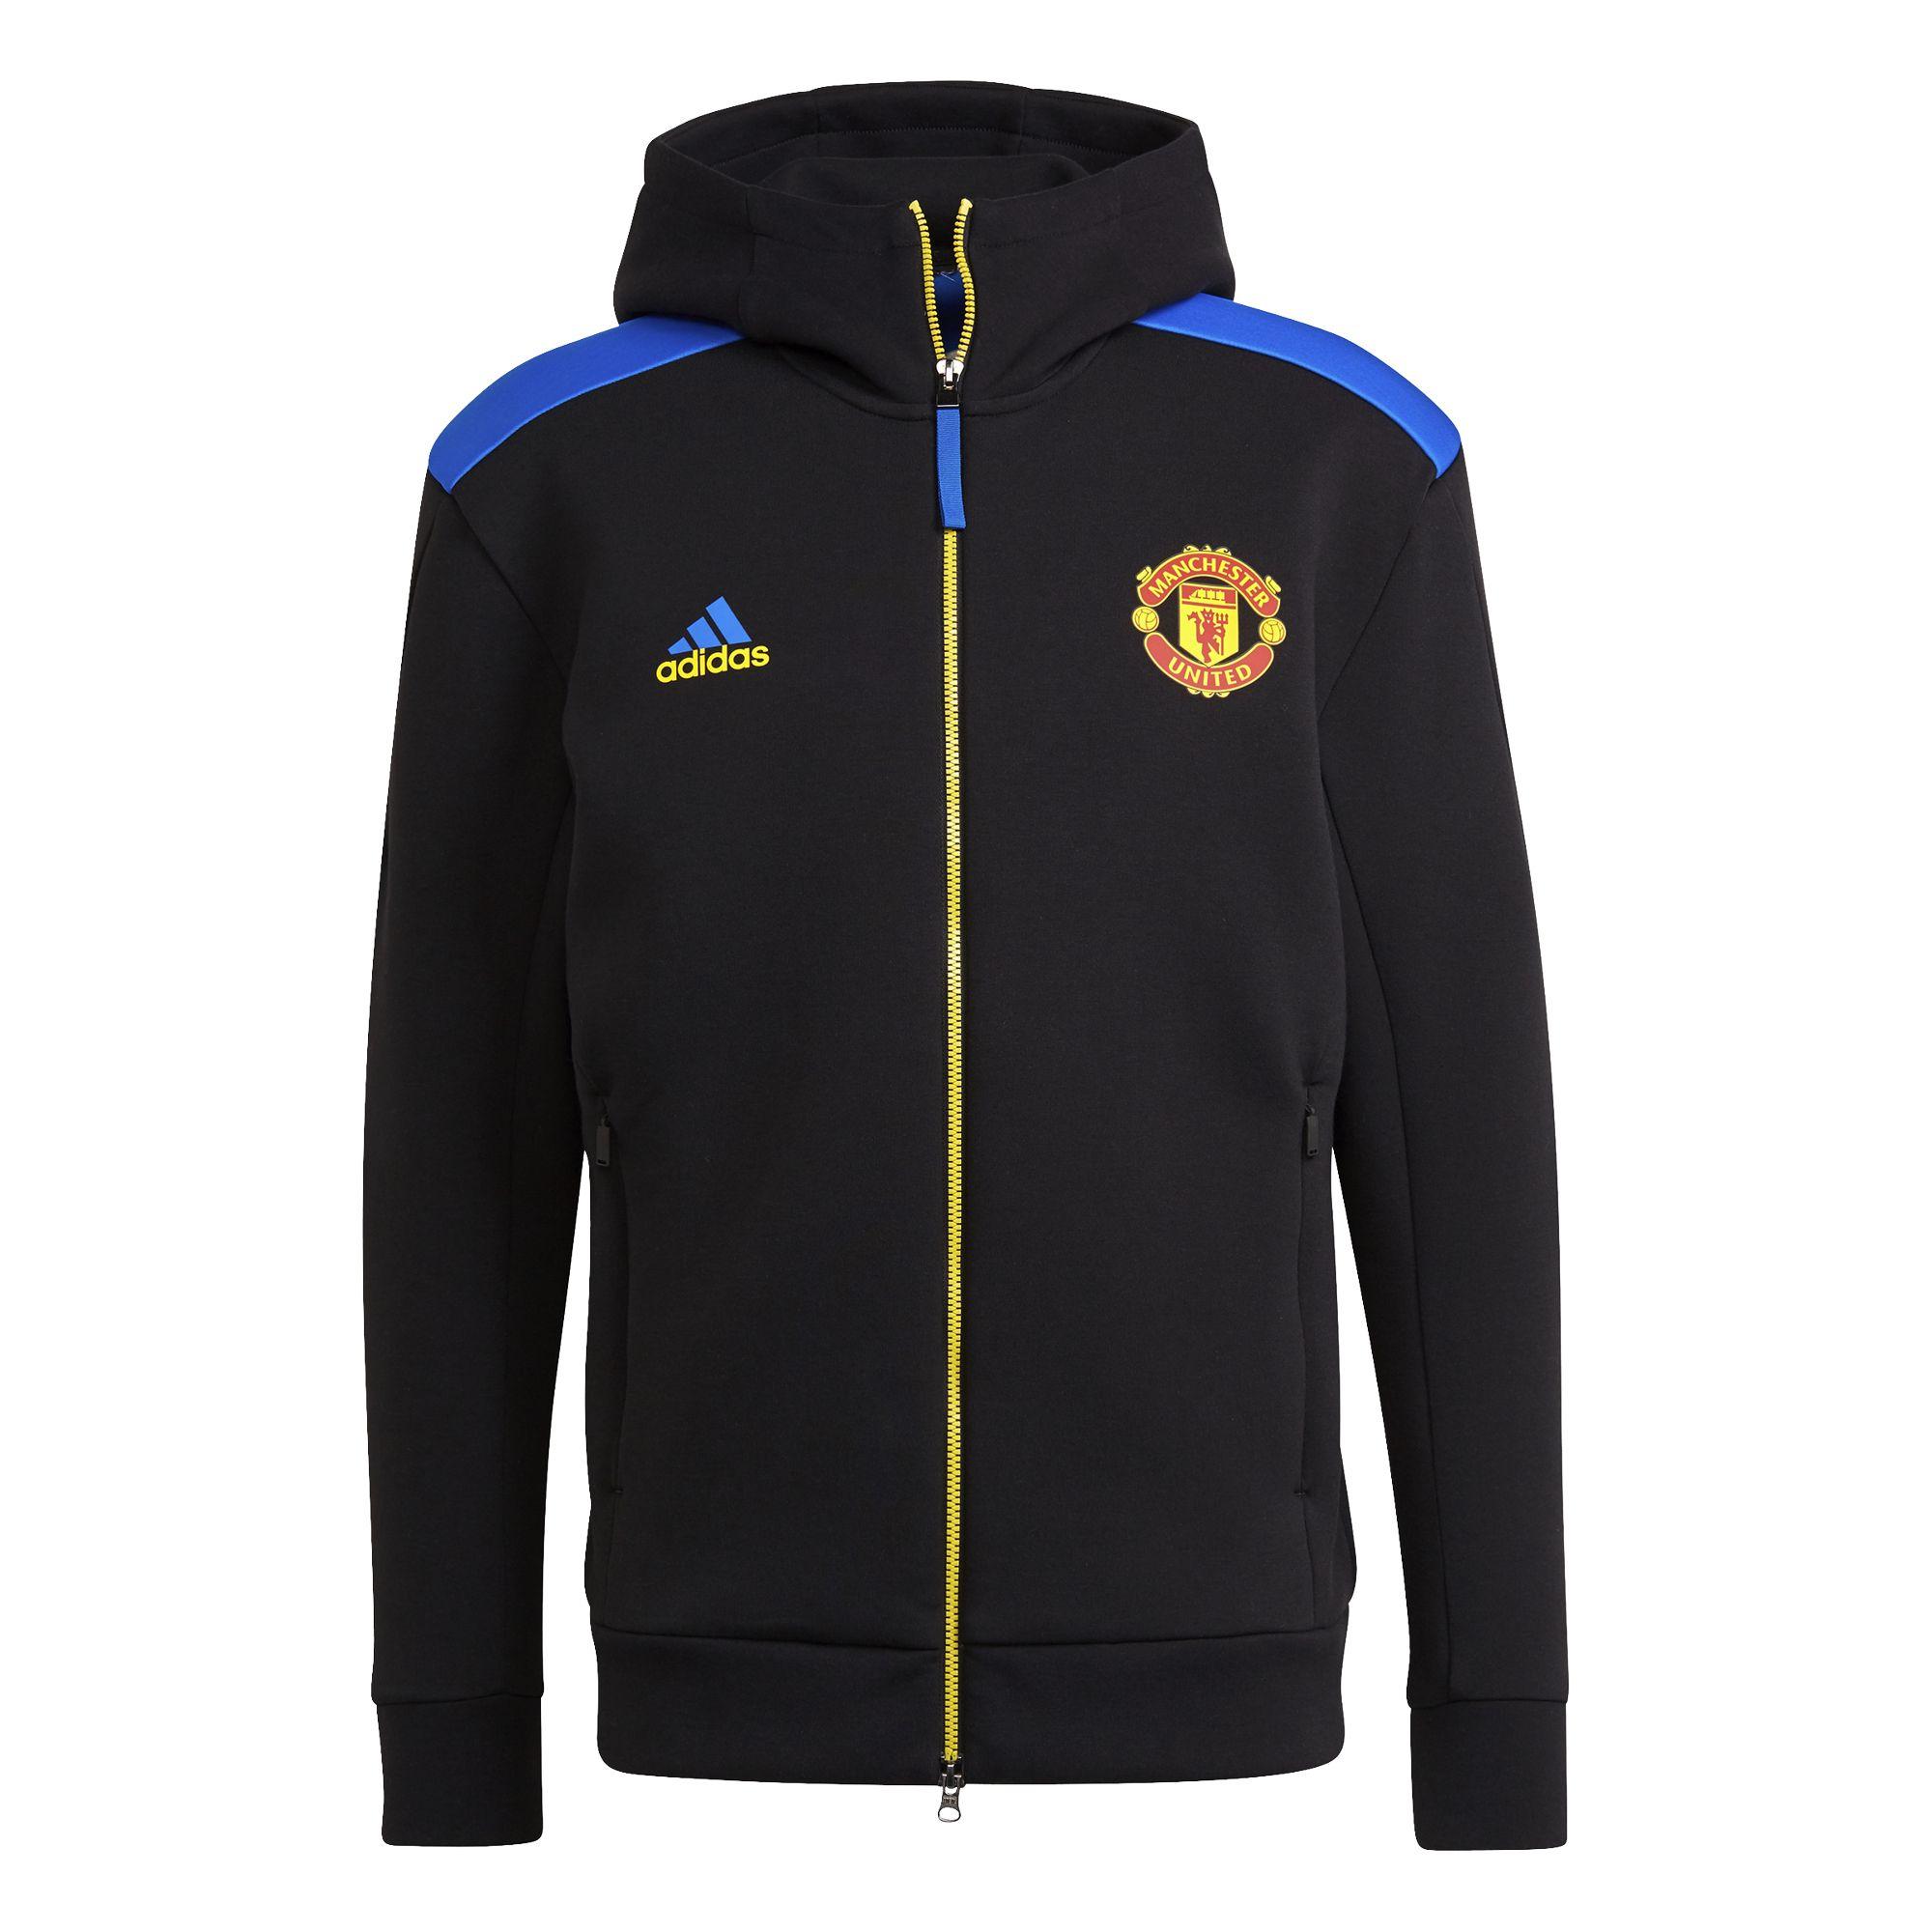 adidas Manchester United ZNE Trainingsjack 2021-2022 Zwart Blauw